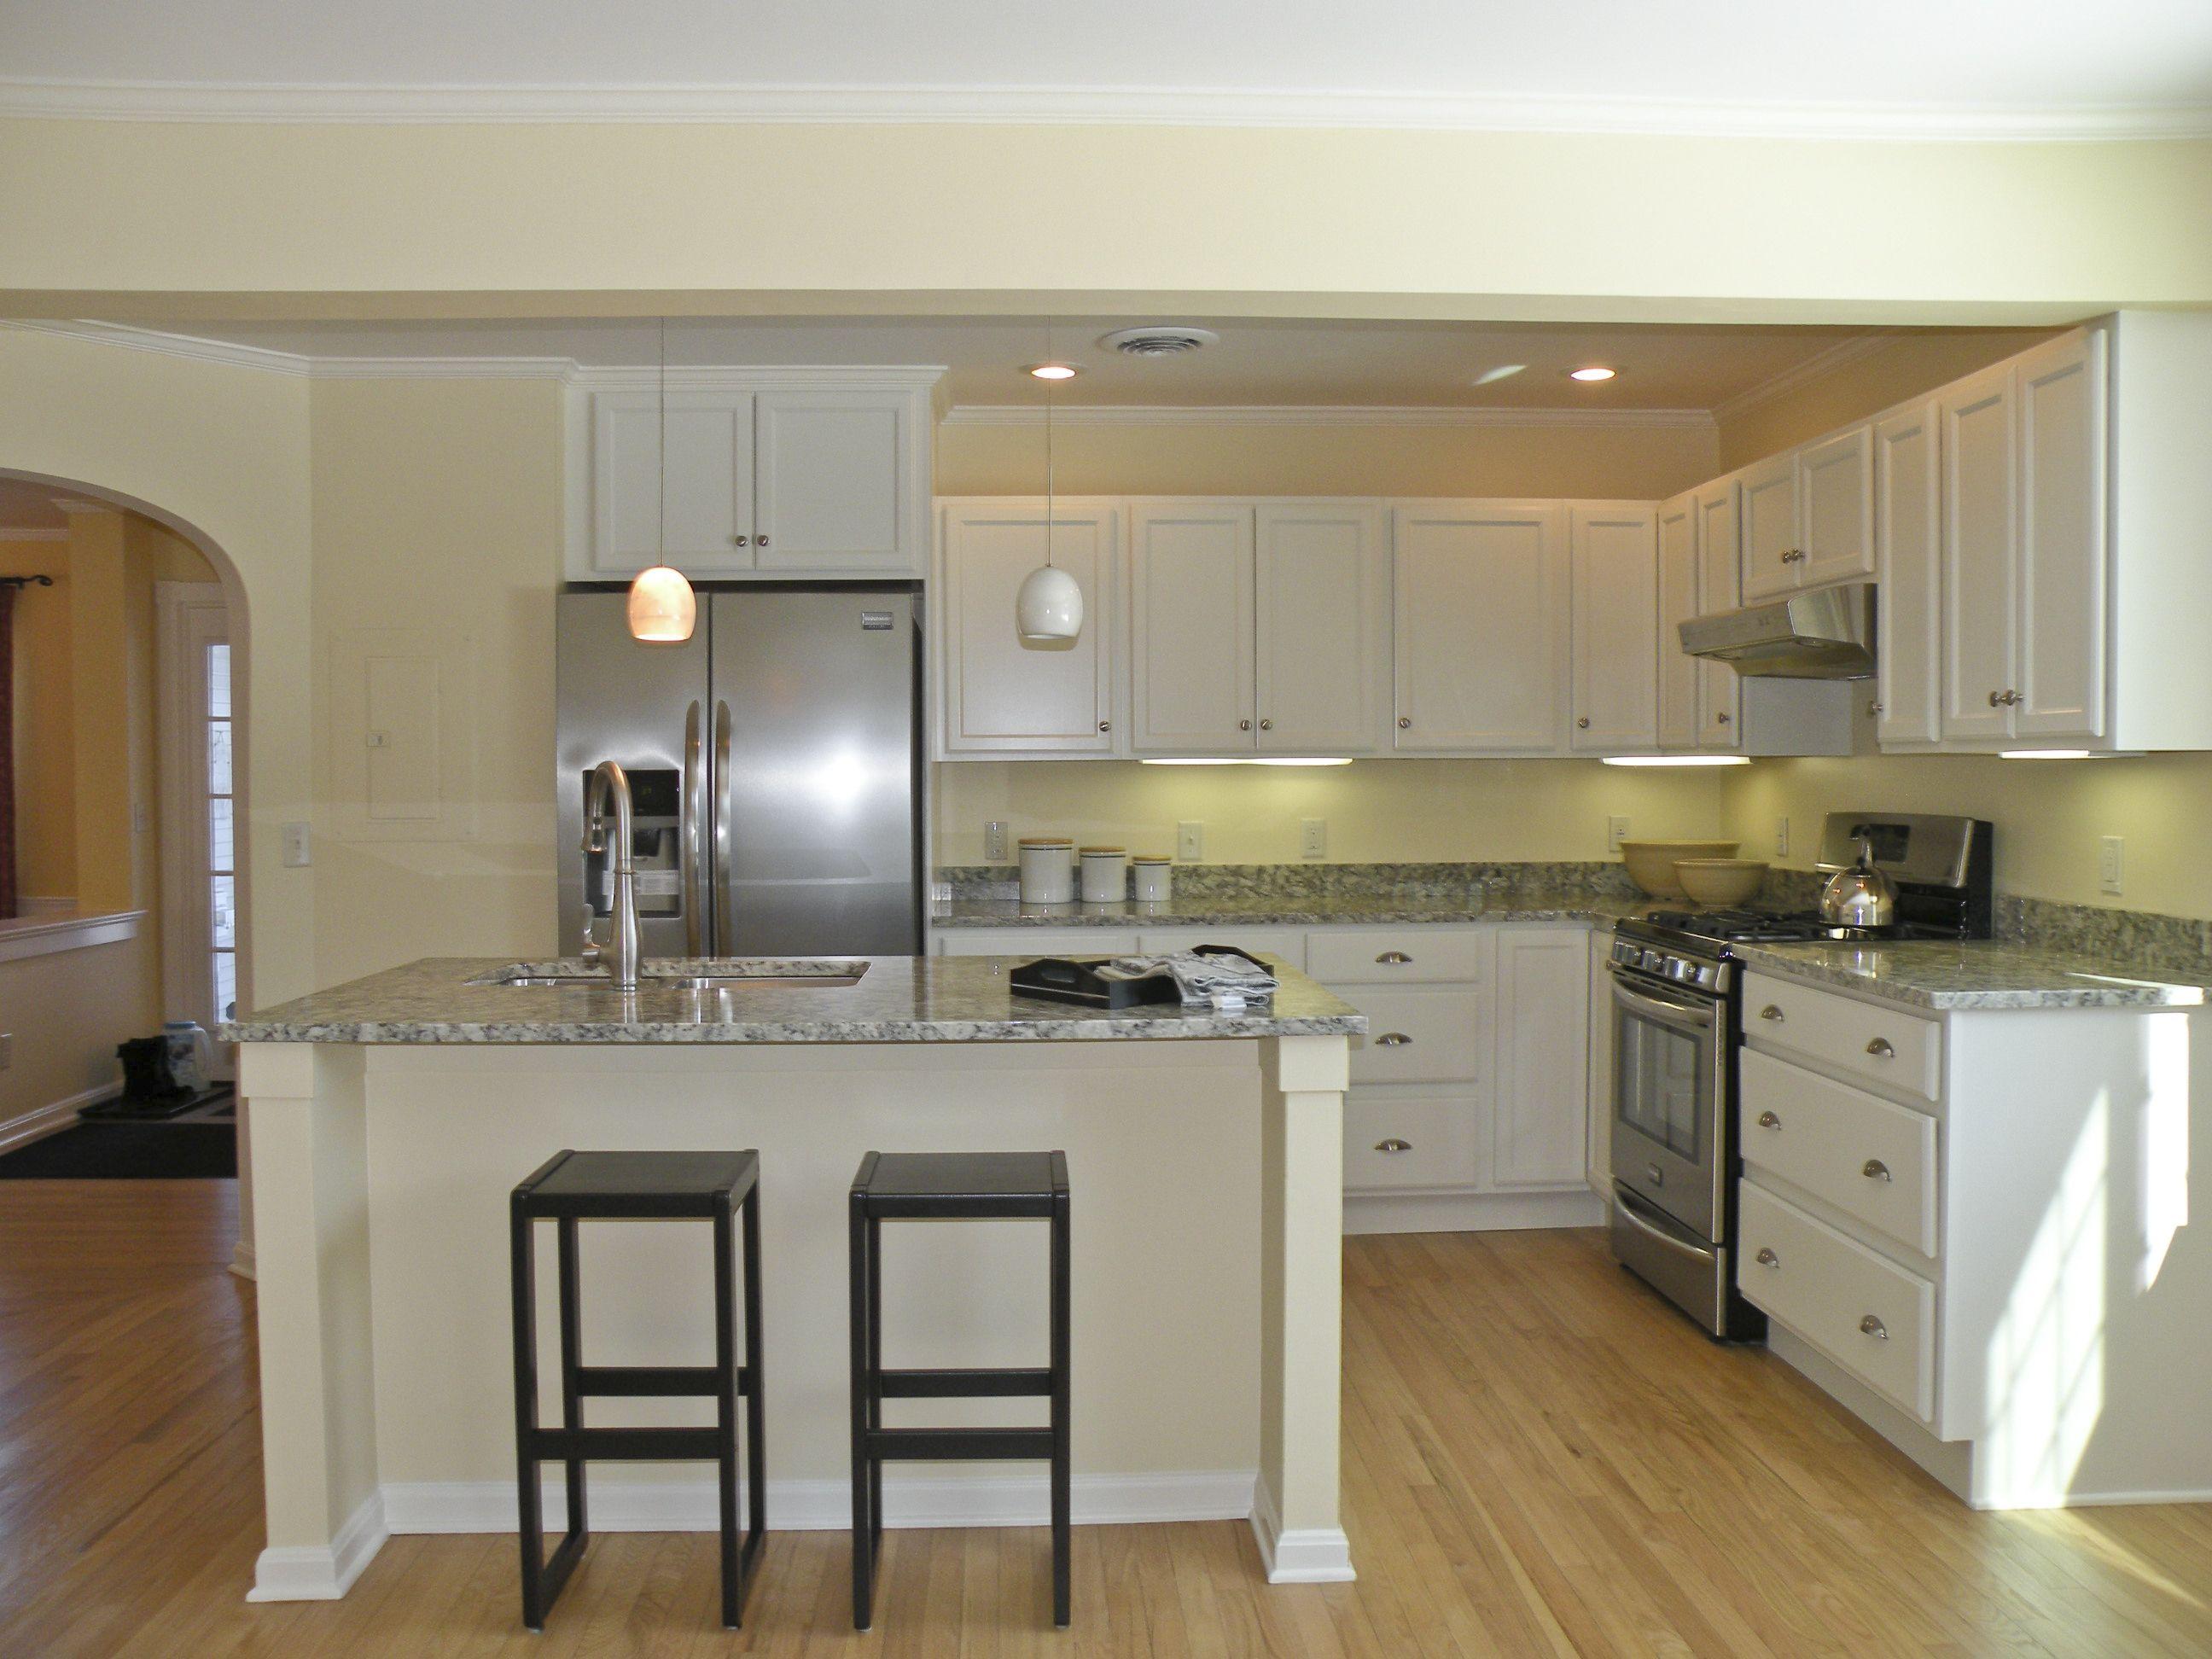 2 Southwind Drive Burlington Vt 05401 Mls 4339600 Geri Reilly Real Estate Custom Tile Shower Kitchen Remodel New Kitchen